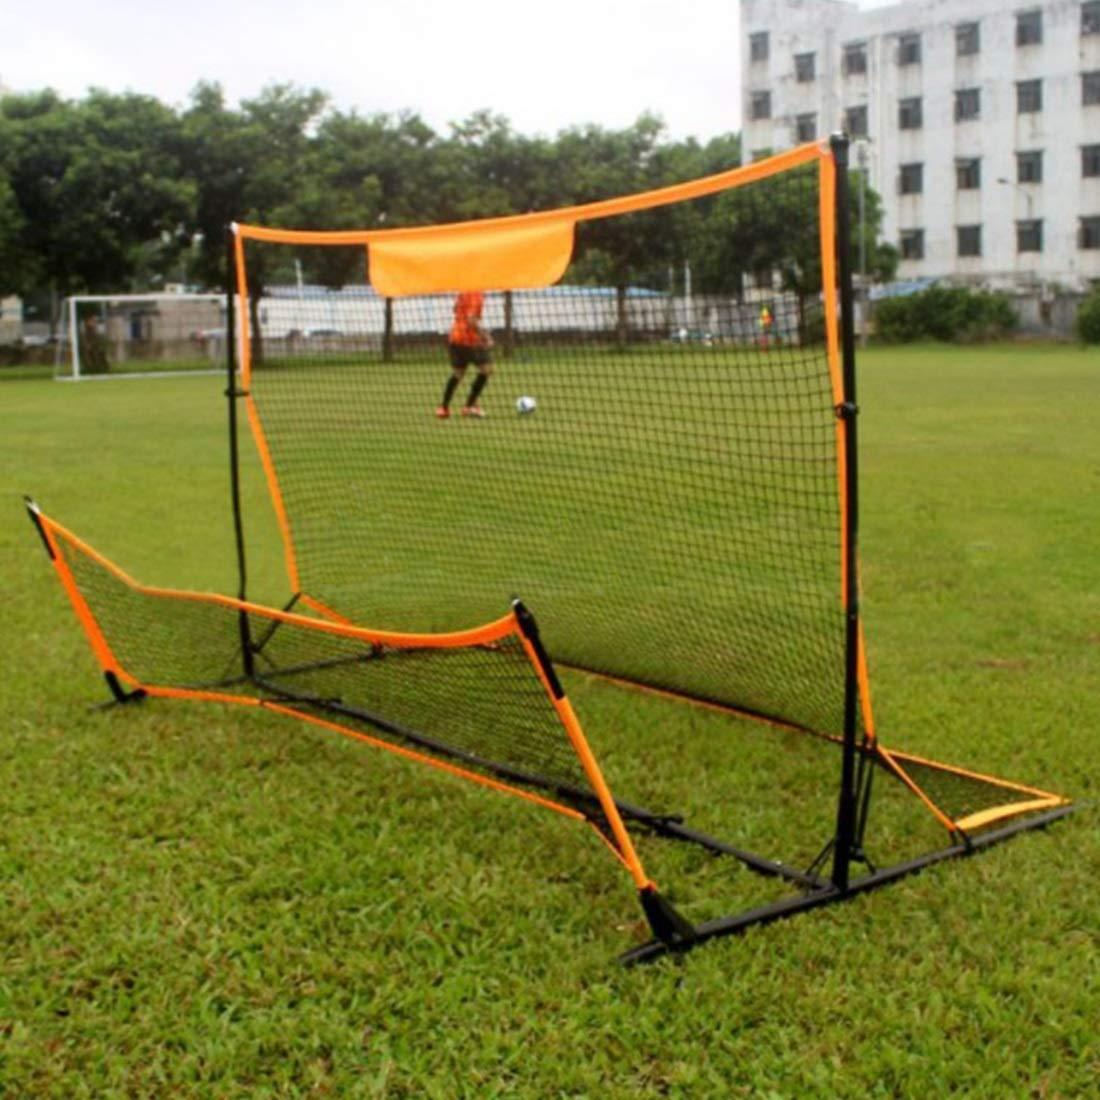 Jsqianchen Obiettivo Semplice d'assemblaggio Netto di Rimbalzo di addestramento di Calcio di Calcio Doppio Scopo di Calcio per l'esterno dell'interno Adulto dei Bambini (Colore   giallo)